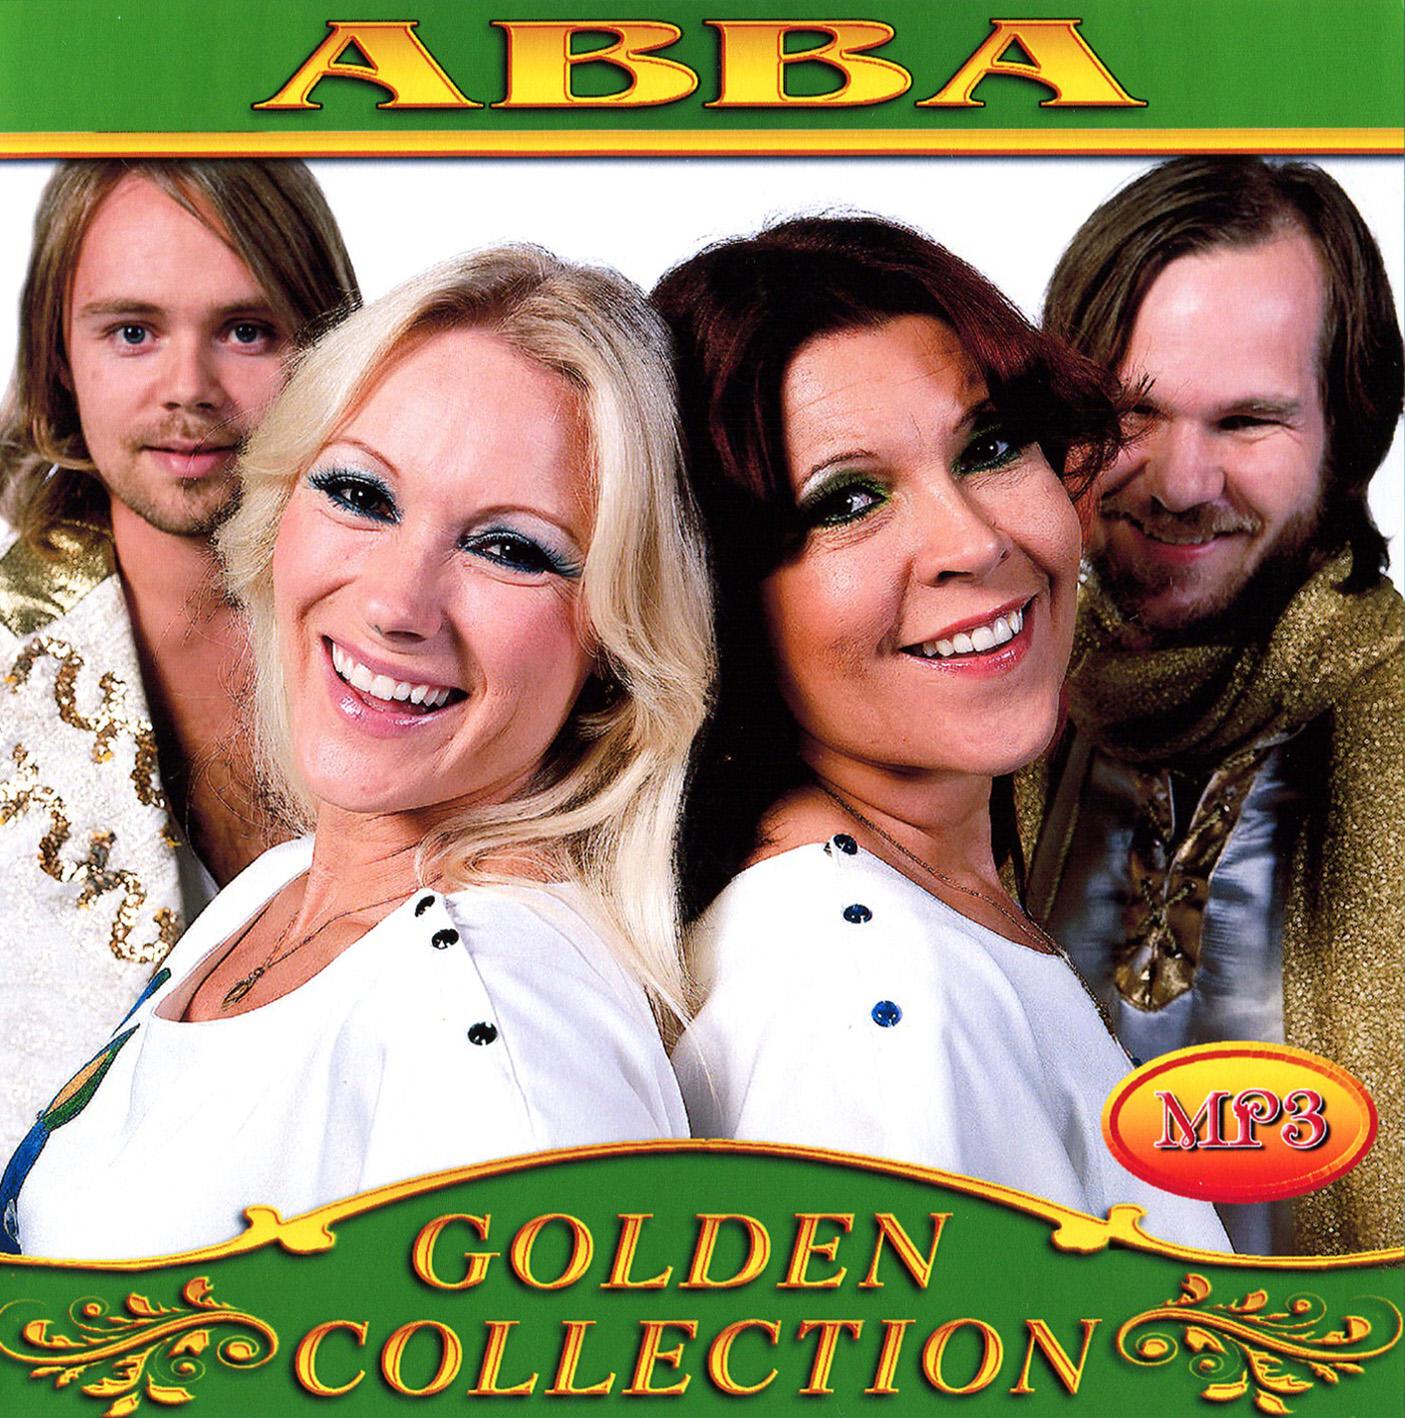 ABBA [mp3]